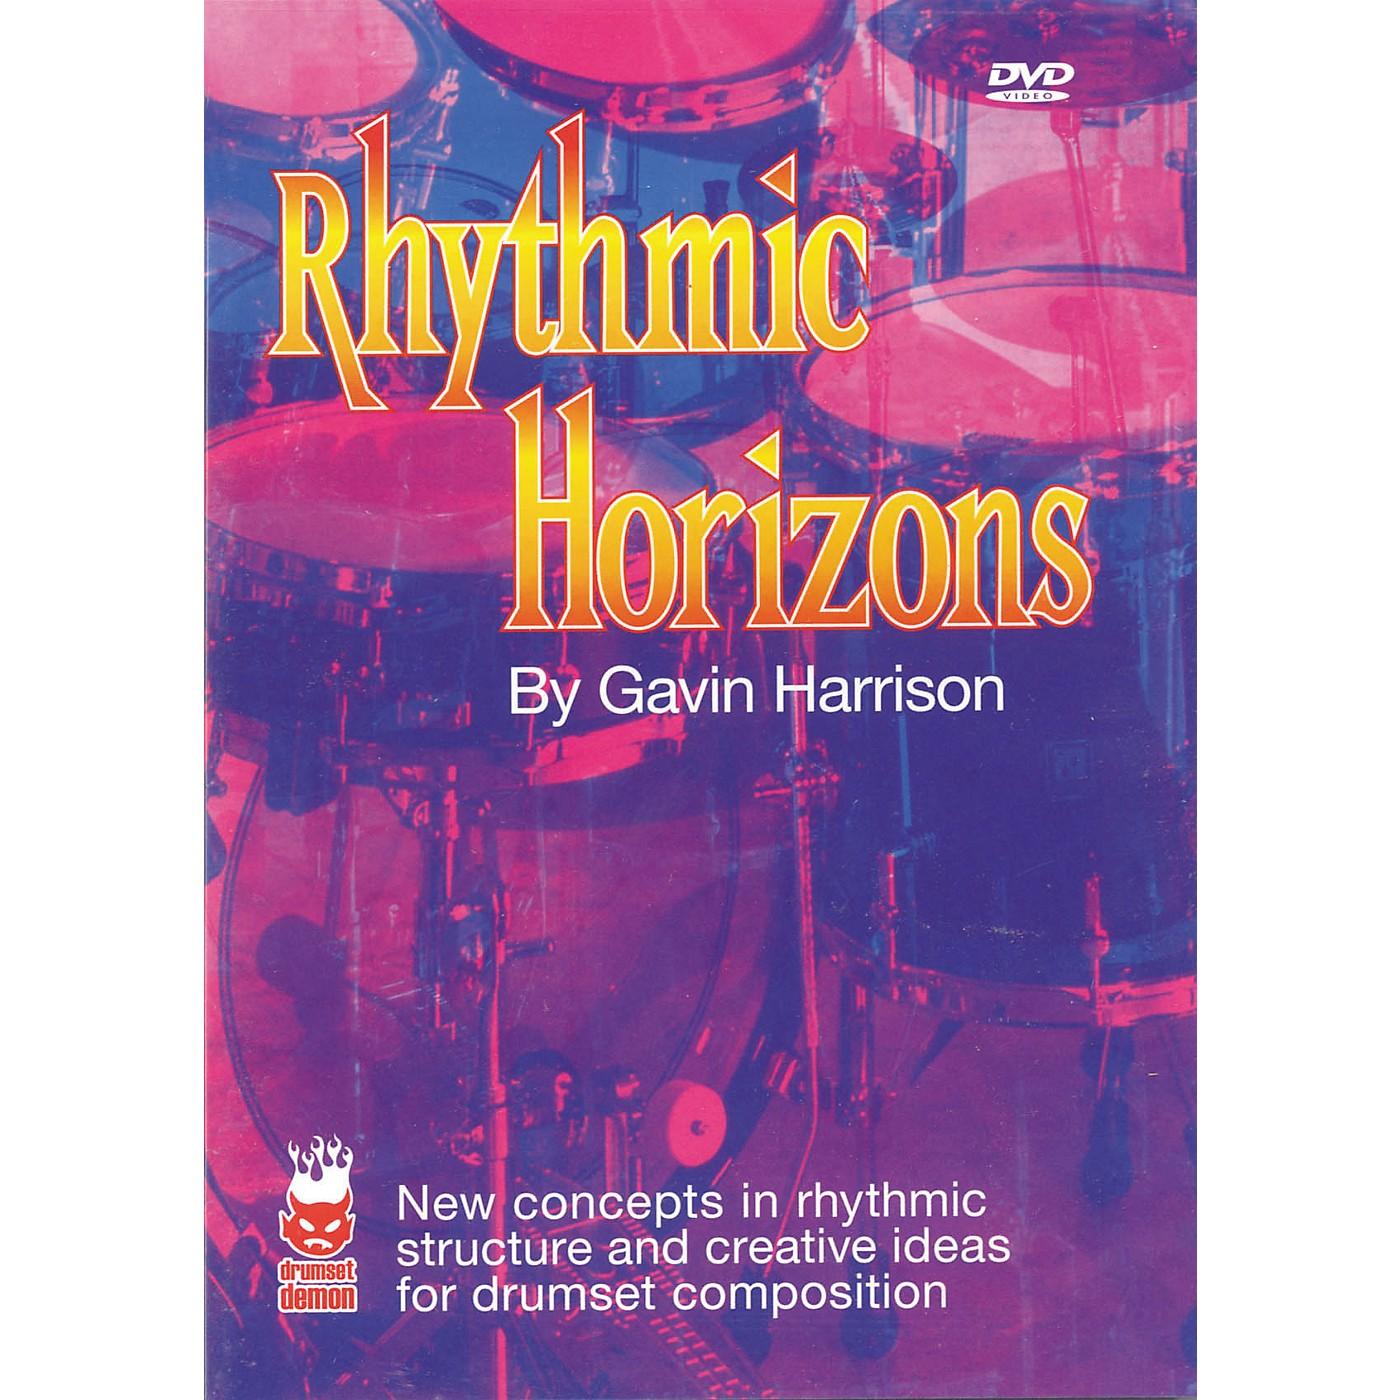 Hudson Music Rhythmic Horizons by Gavin Harrison DVD thumbnail